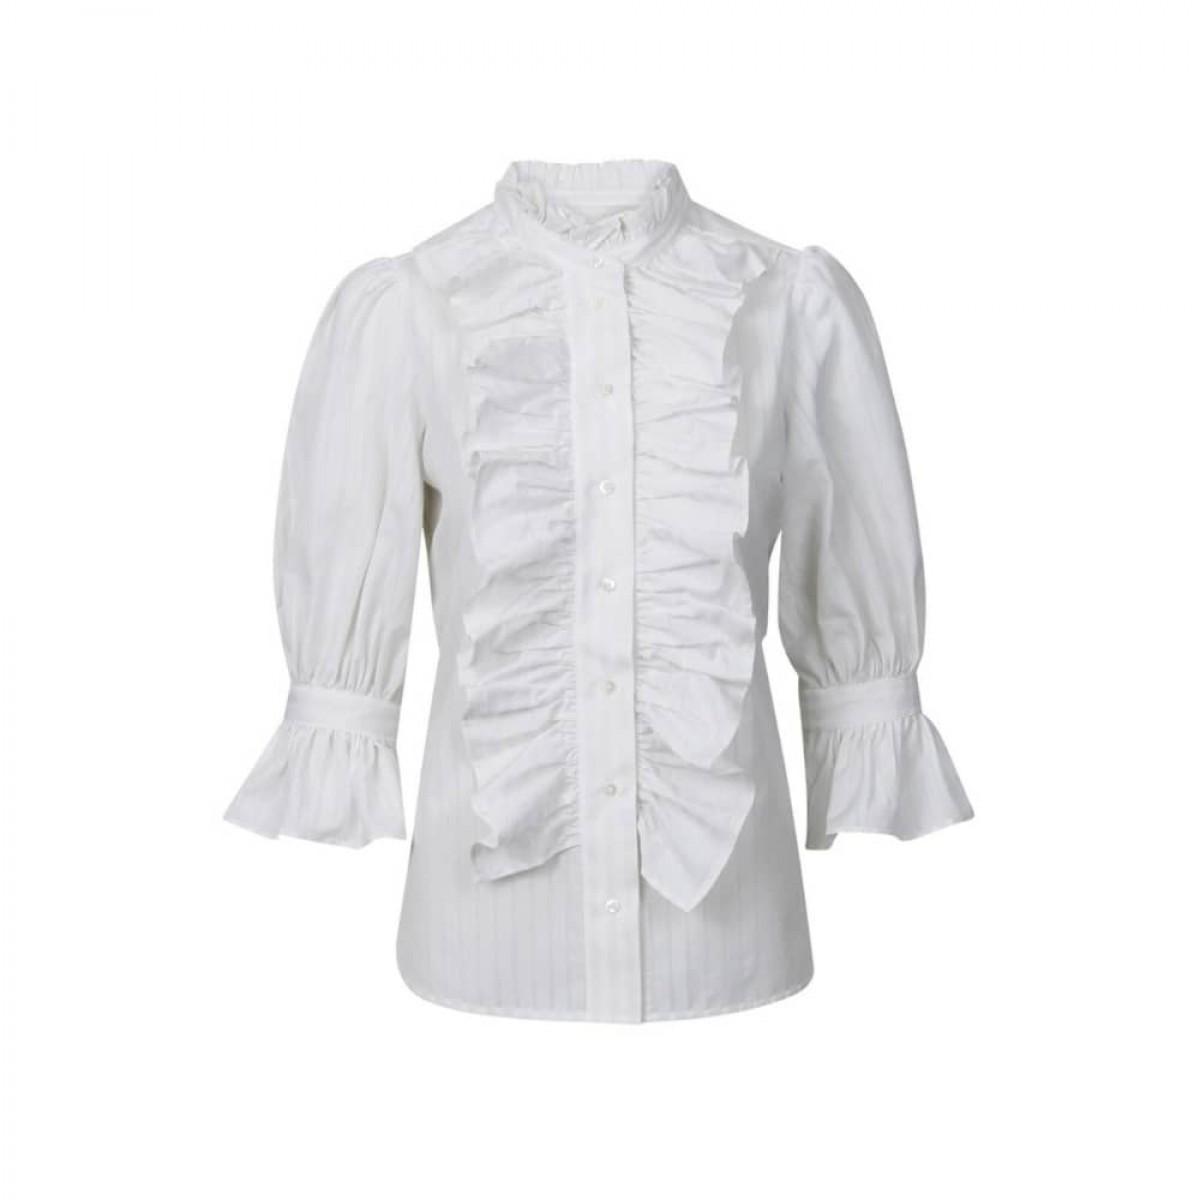 joanna skjorte - vanilla stripe - front